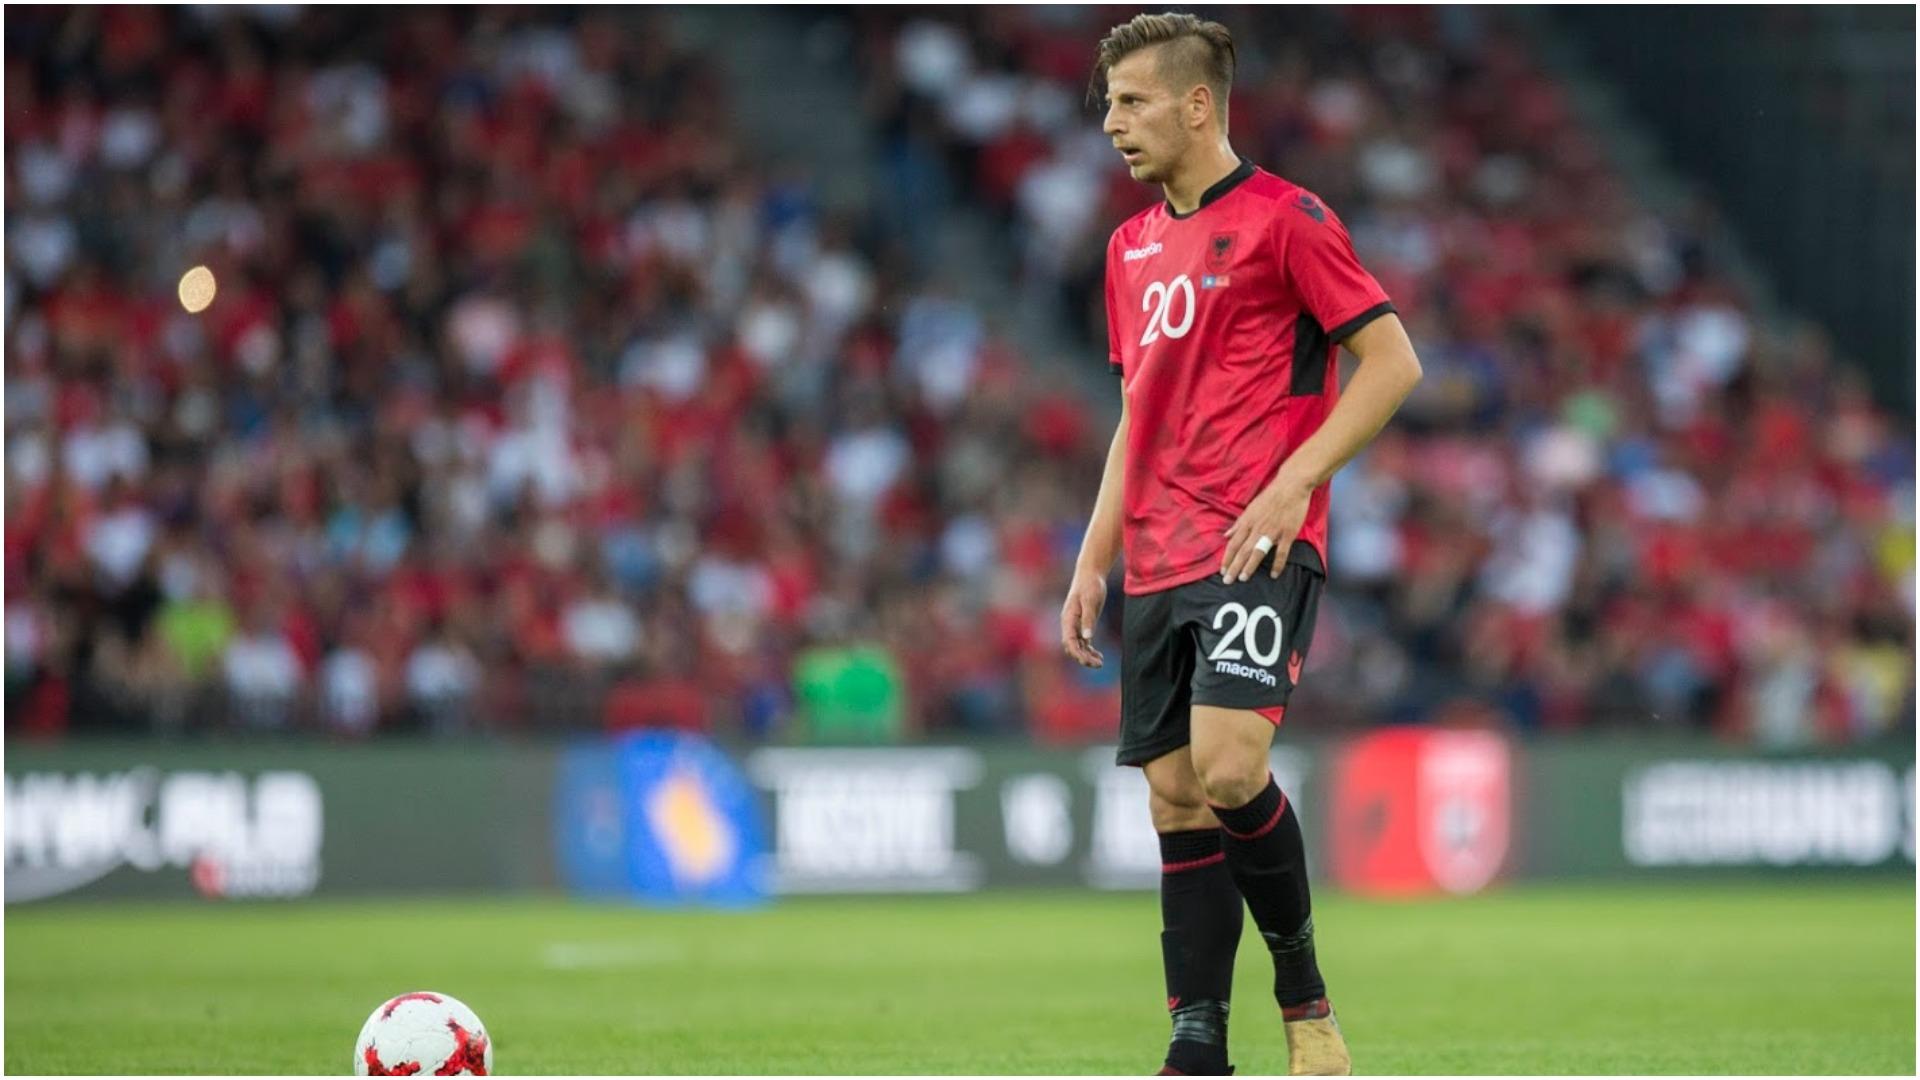 Infektohet me COVID-19 futbollisti i kombëtares shqiptare